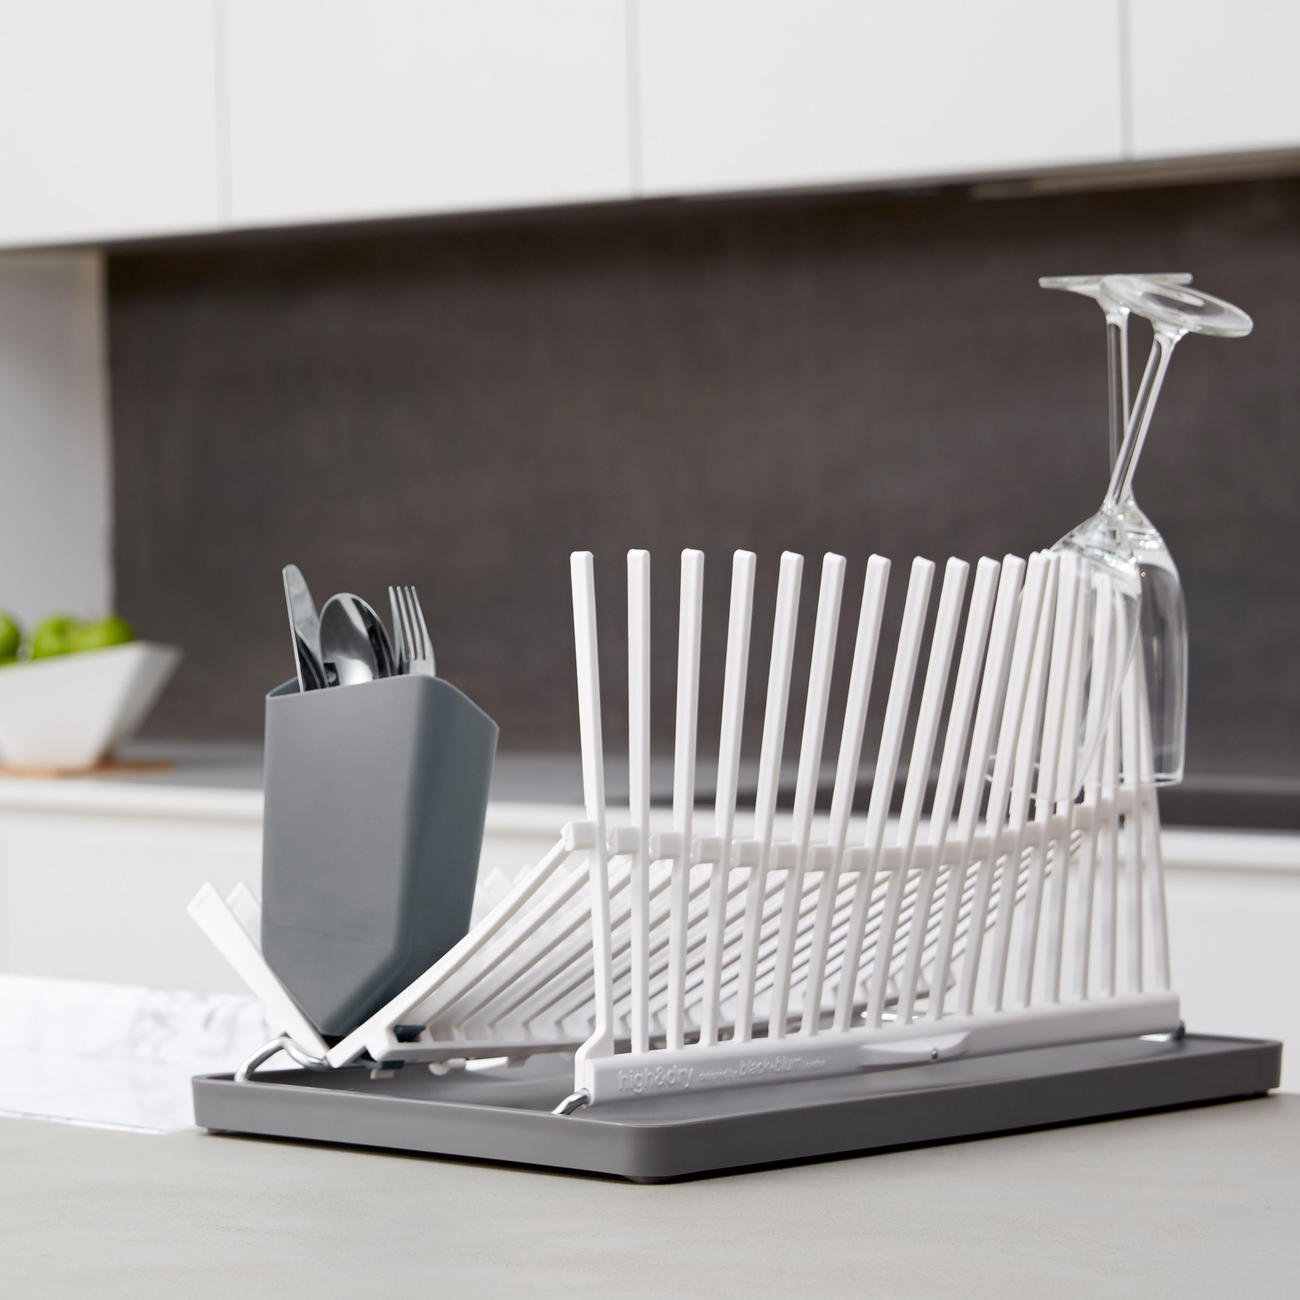 design geschirrabtropfer 3 jahre garantie pro idee. Black Bedroom Furniture Sets. Home Design Ideas